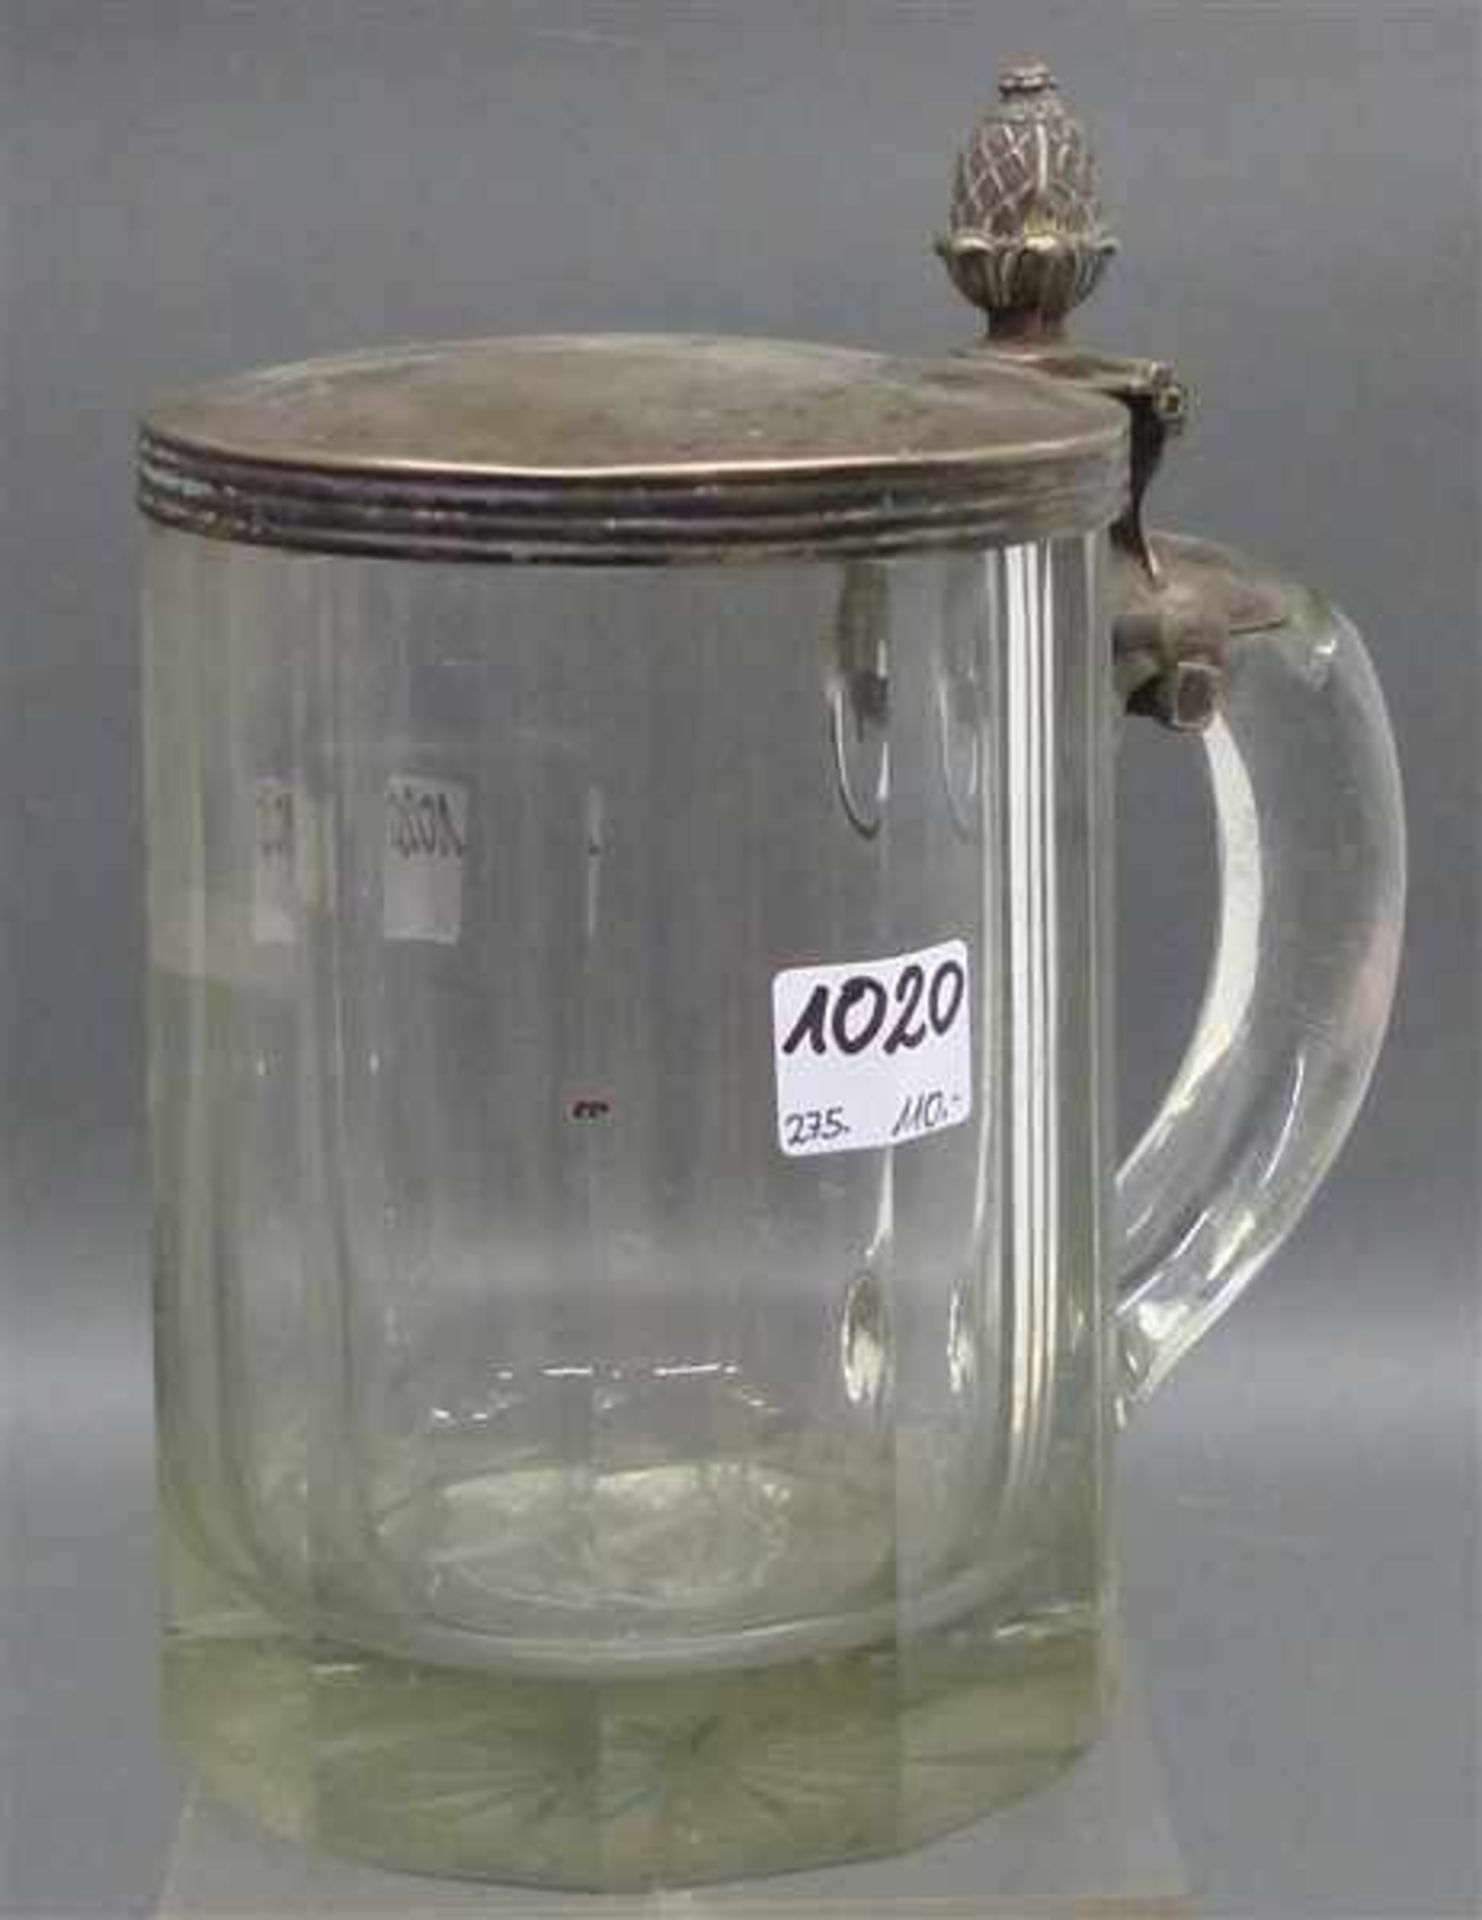 Bierkrug mit Silberdeckel frühes 19. Jh., farbloses Glas, facettiert, Silberdeckel punziert,